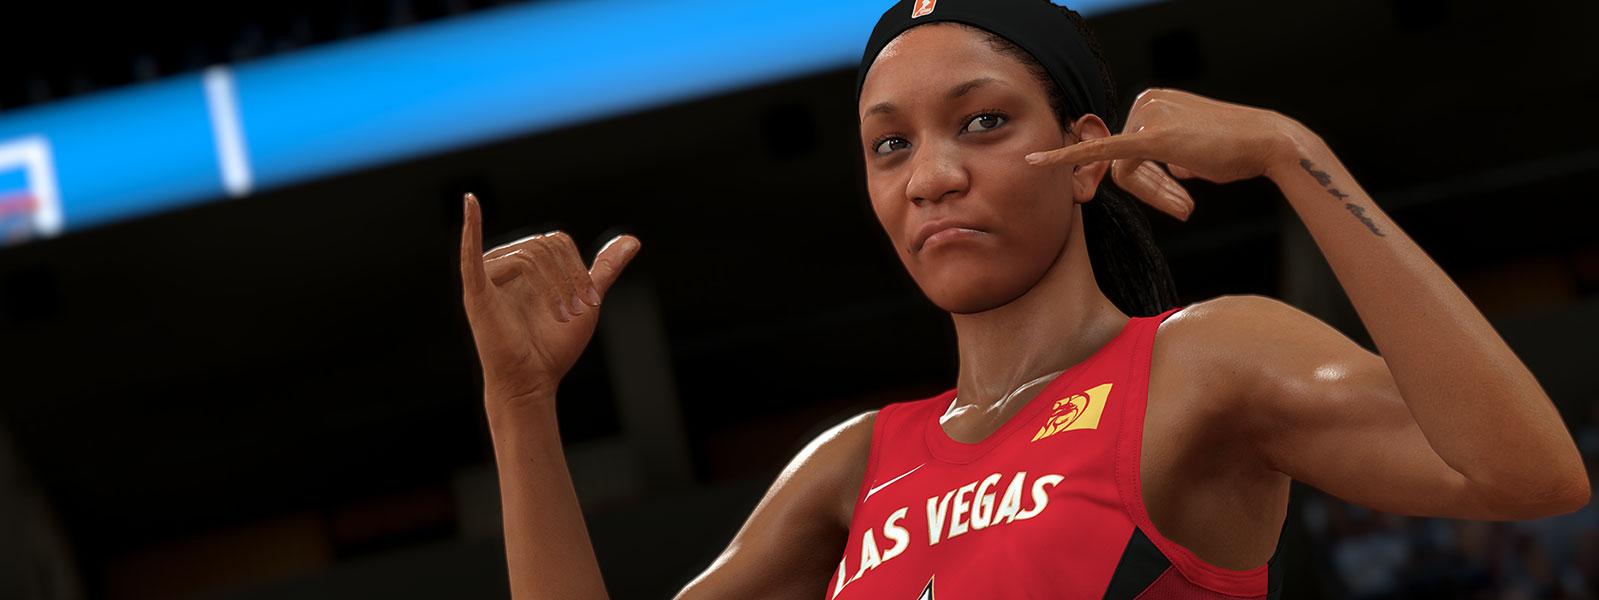 Pózujúci hráč z tímu Las Vegas WNBA